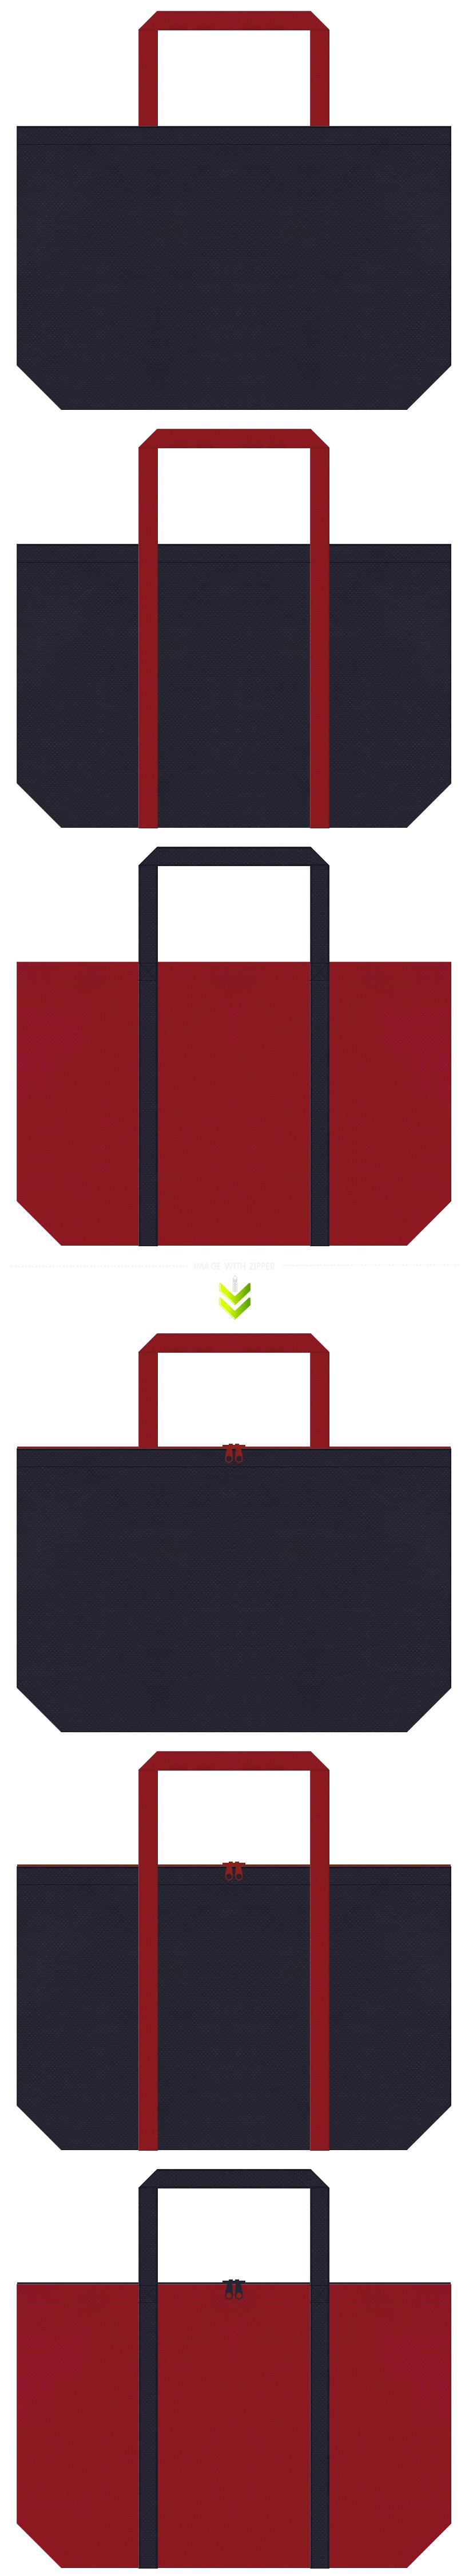 濃紺色とエンジ色の不織布エコバッグのデザイン。カジュアルのショッピングバッグにお奨めです。